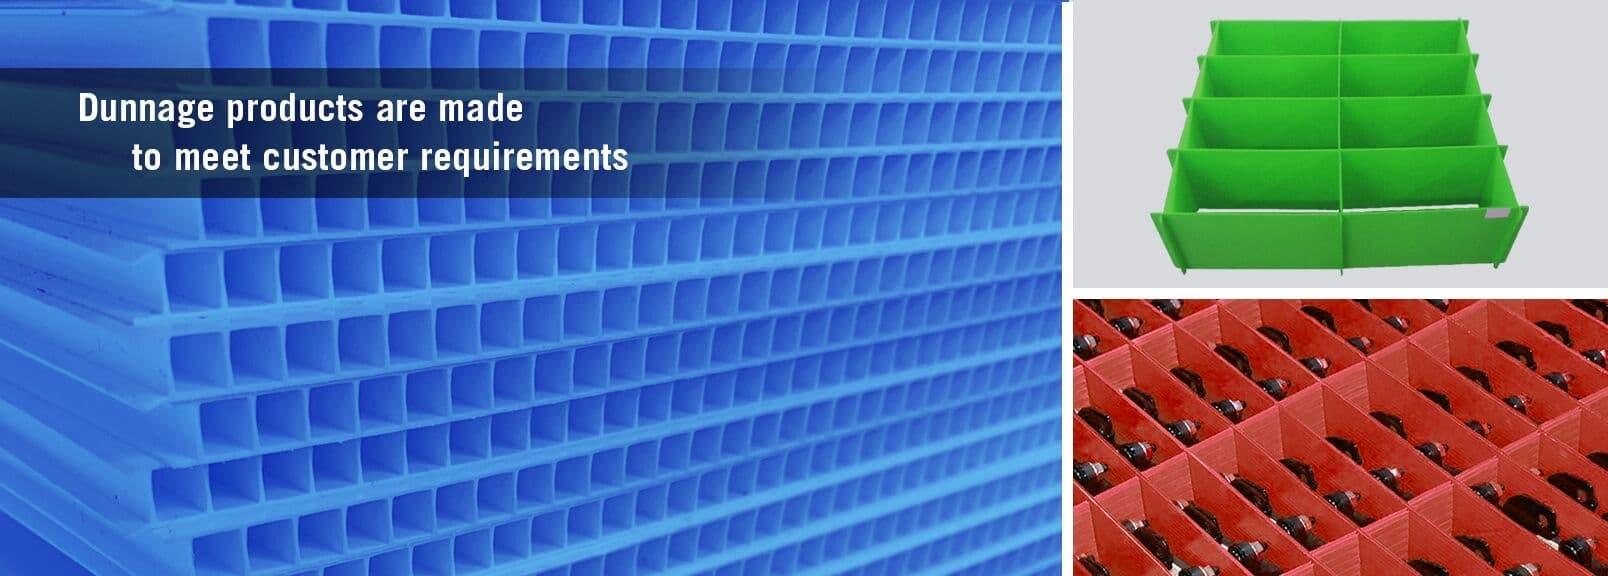 Corrugated Plastics